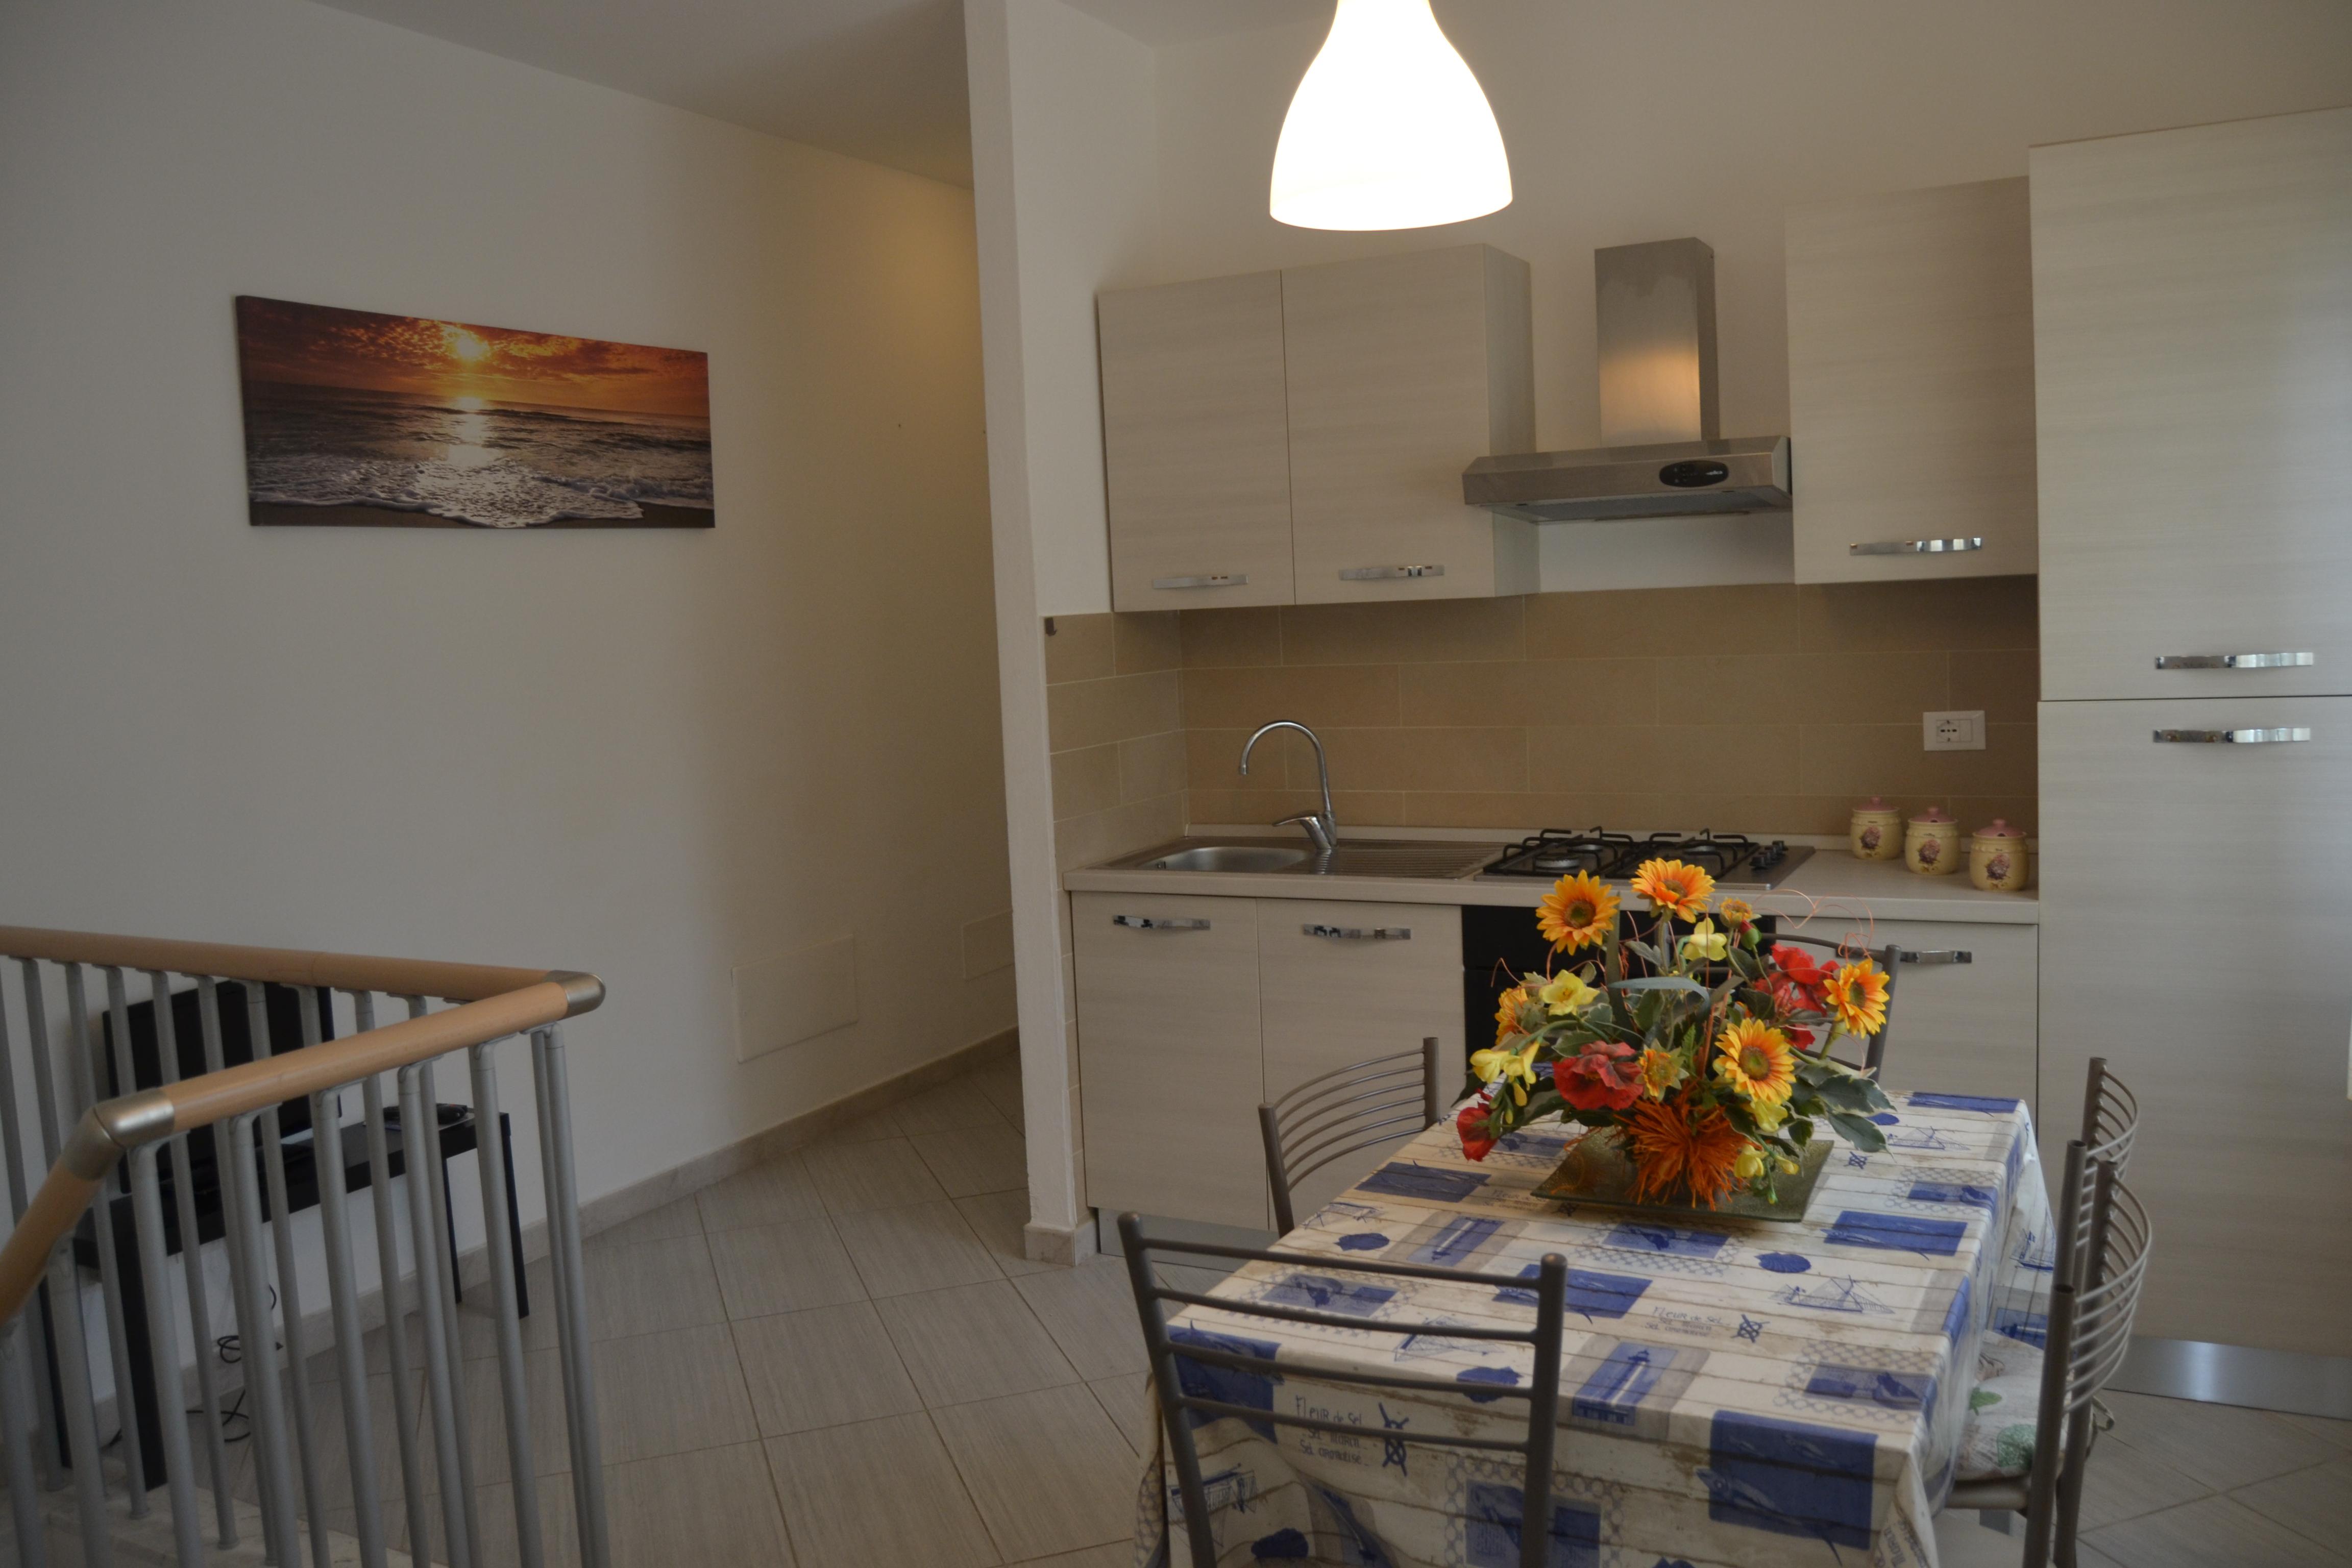 Grazioso appartamento con arredamento nuovo  Rif.A.59